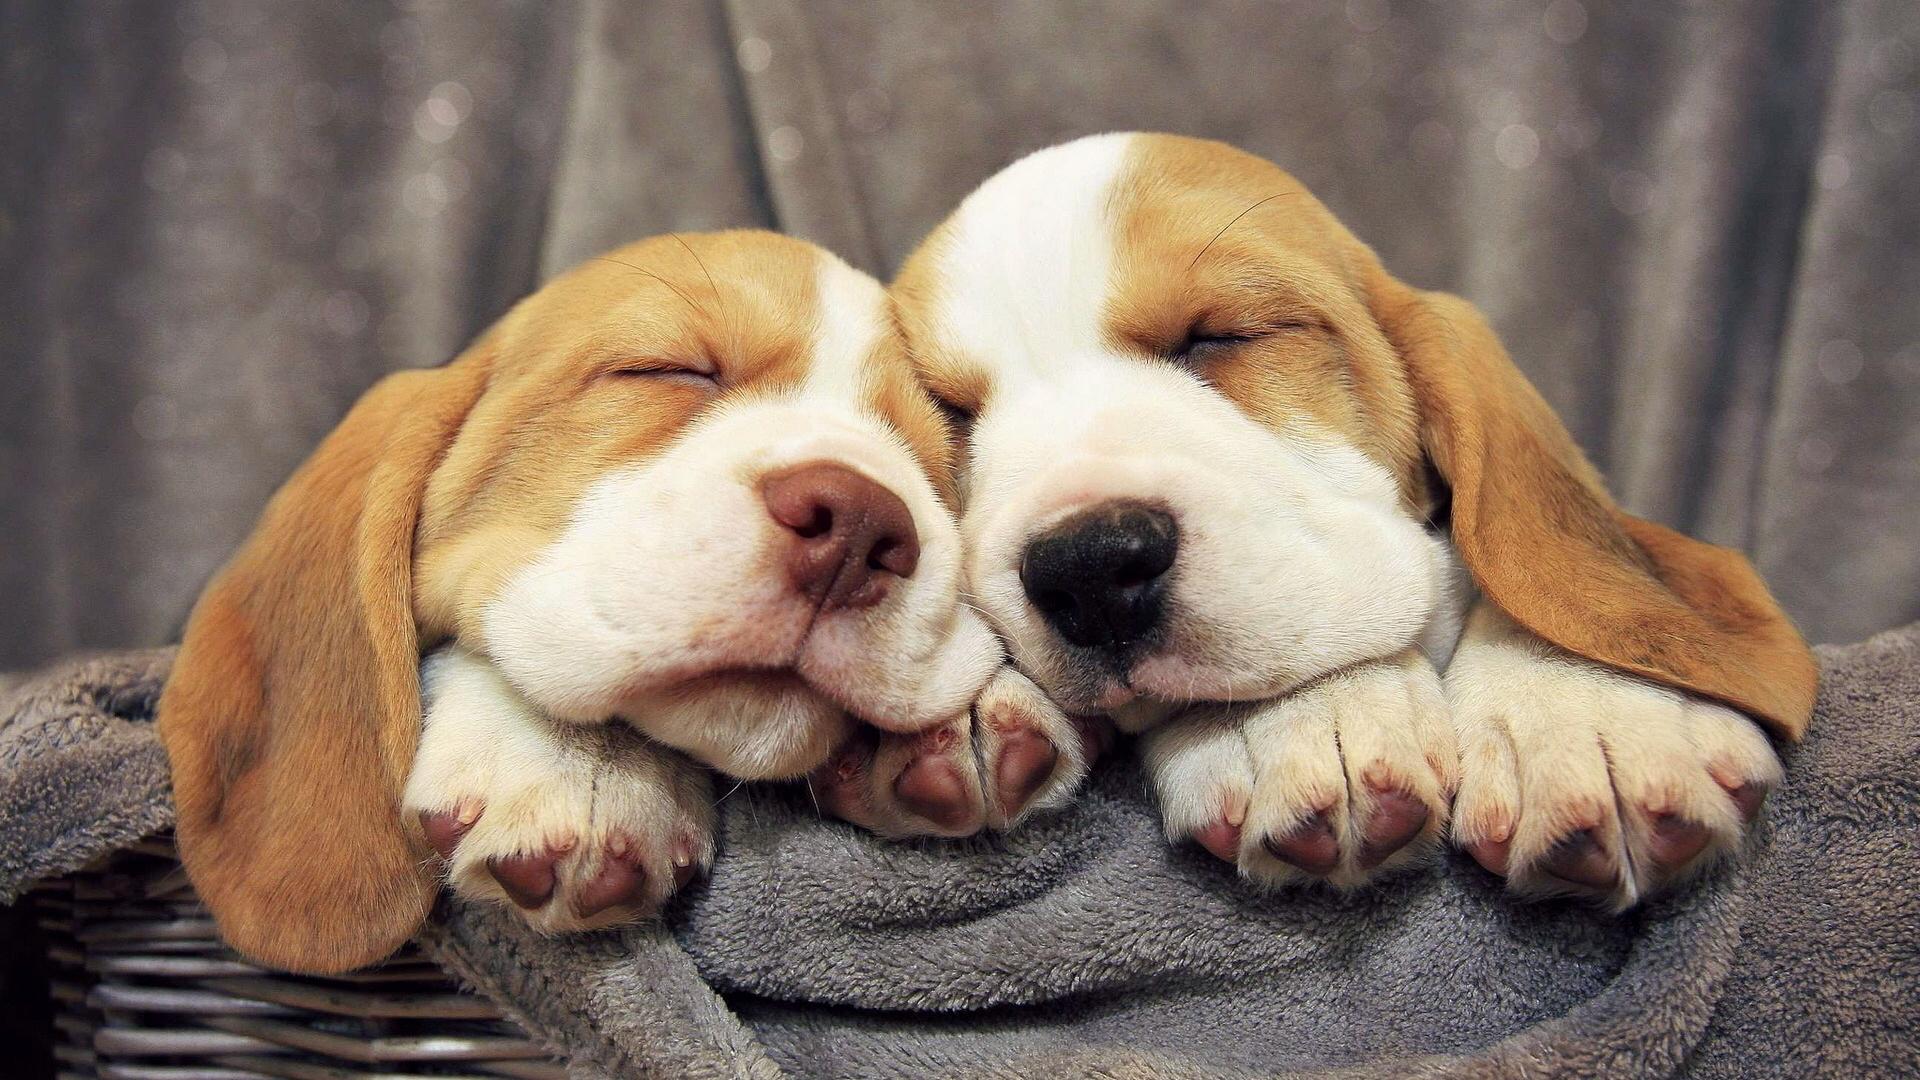 beagle-puppies-1920x1080-mr-com-wallpaper-wpc5802608